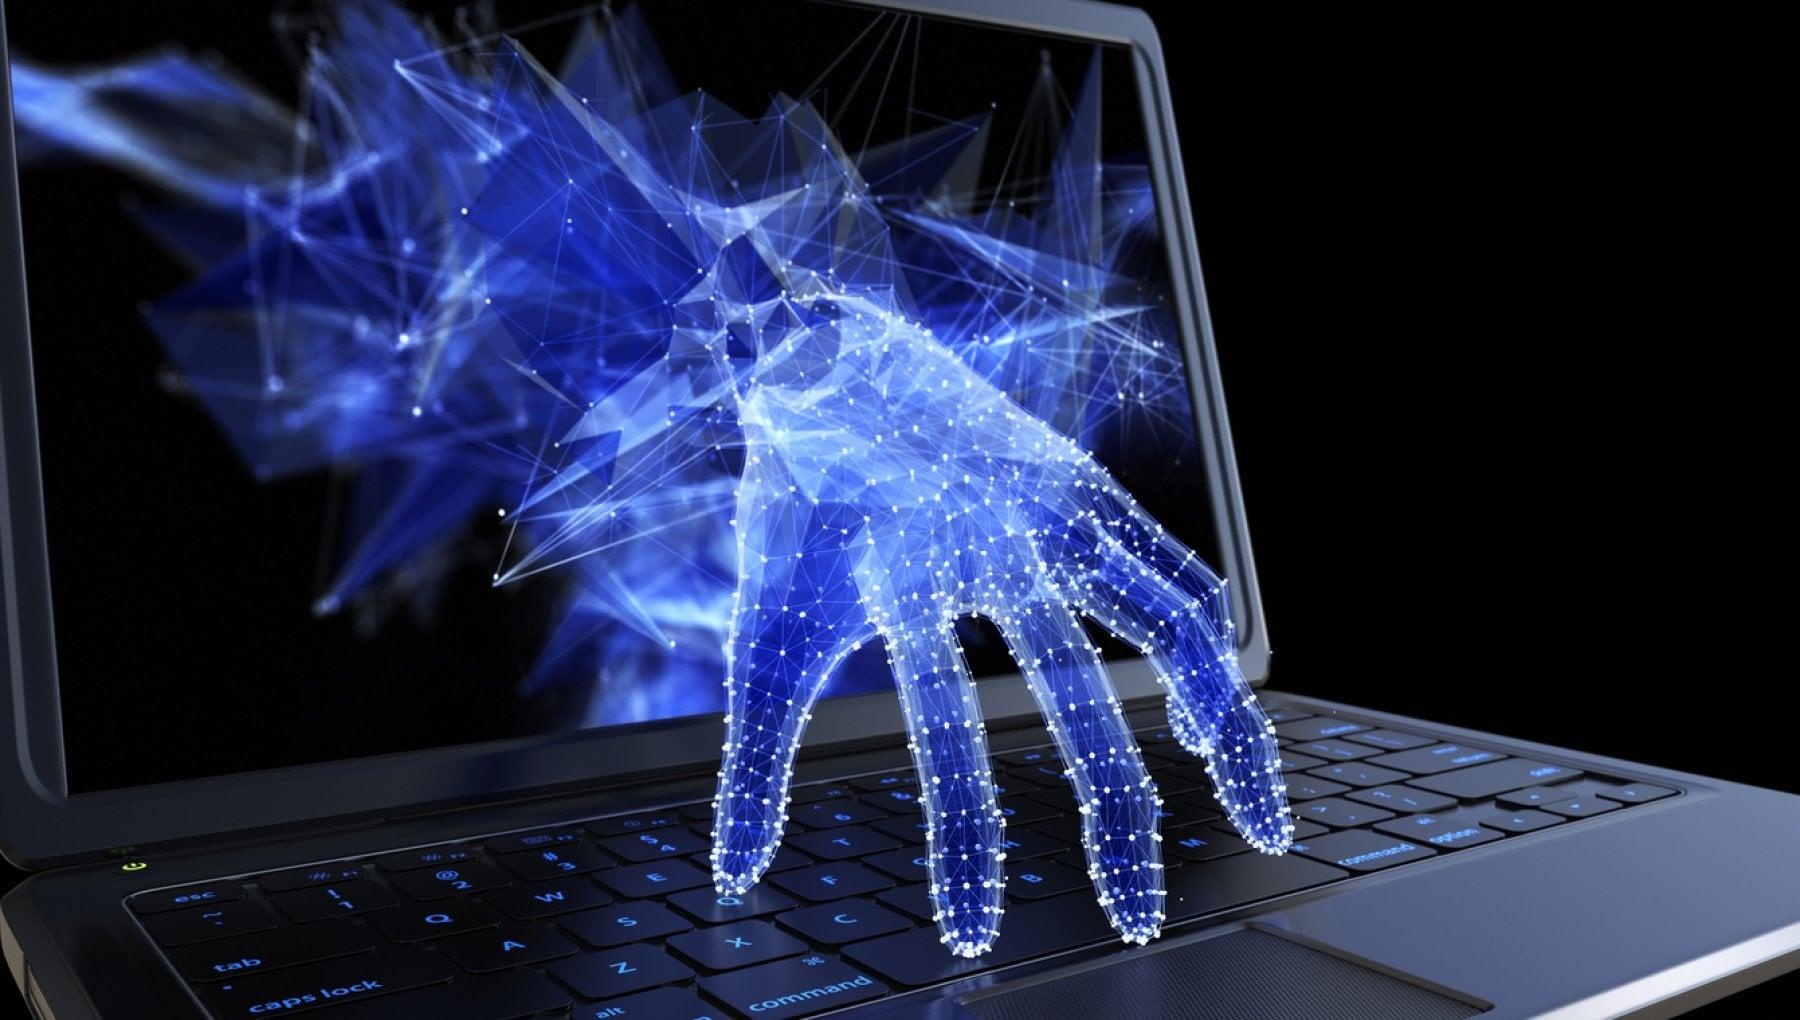 092137142 54cfeb2c bebb 4630 b39f 5f881b25d5a2 - Cyberattacco proveniente dalla Cina contro aziende italiane